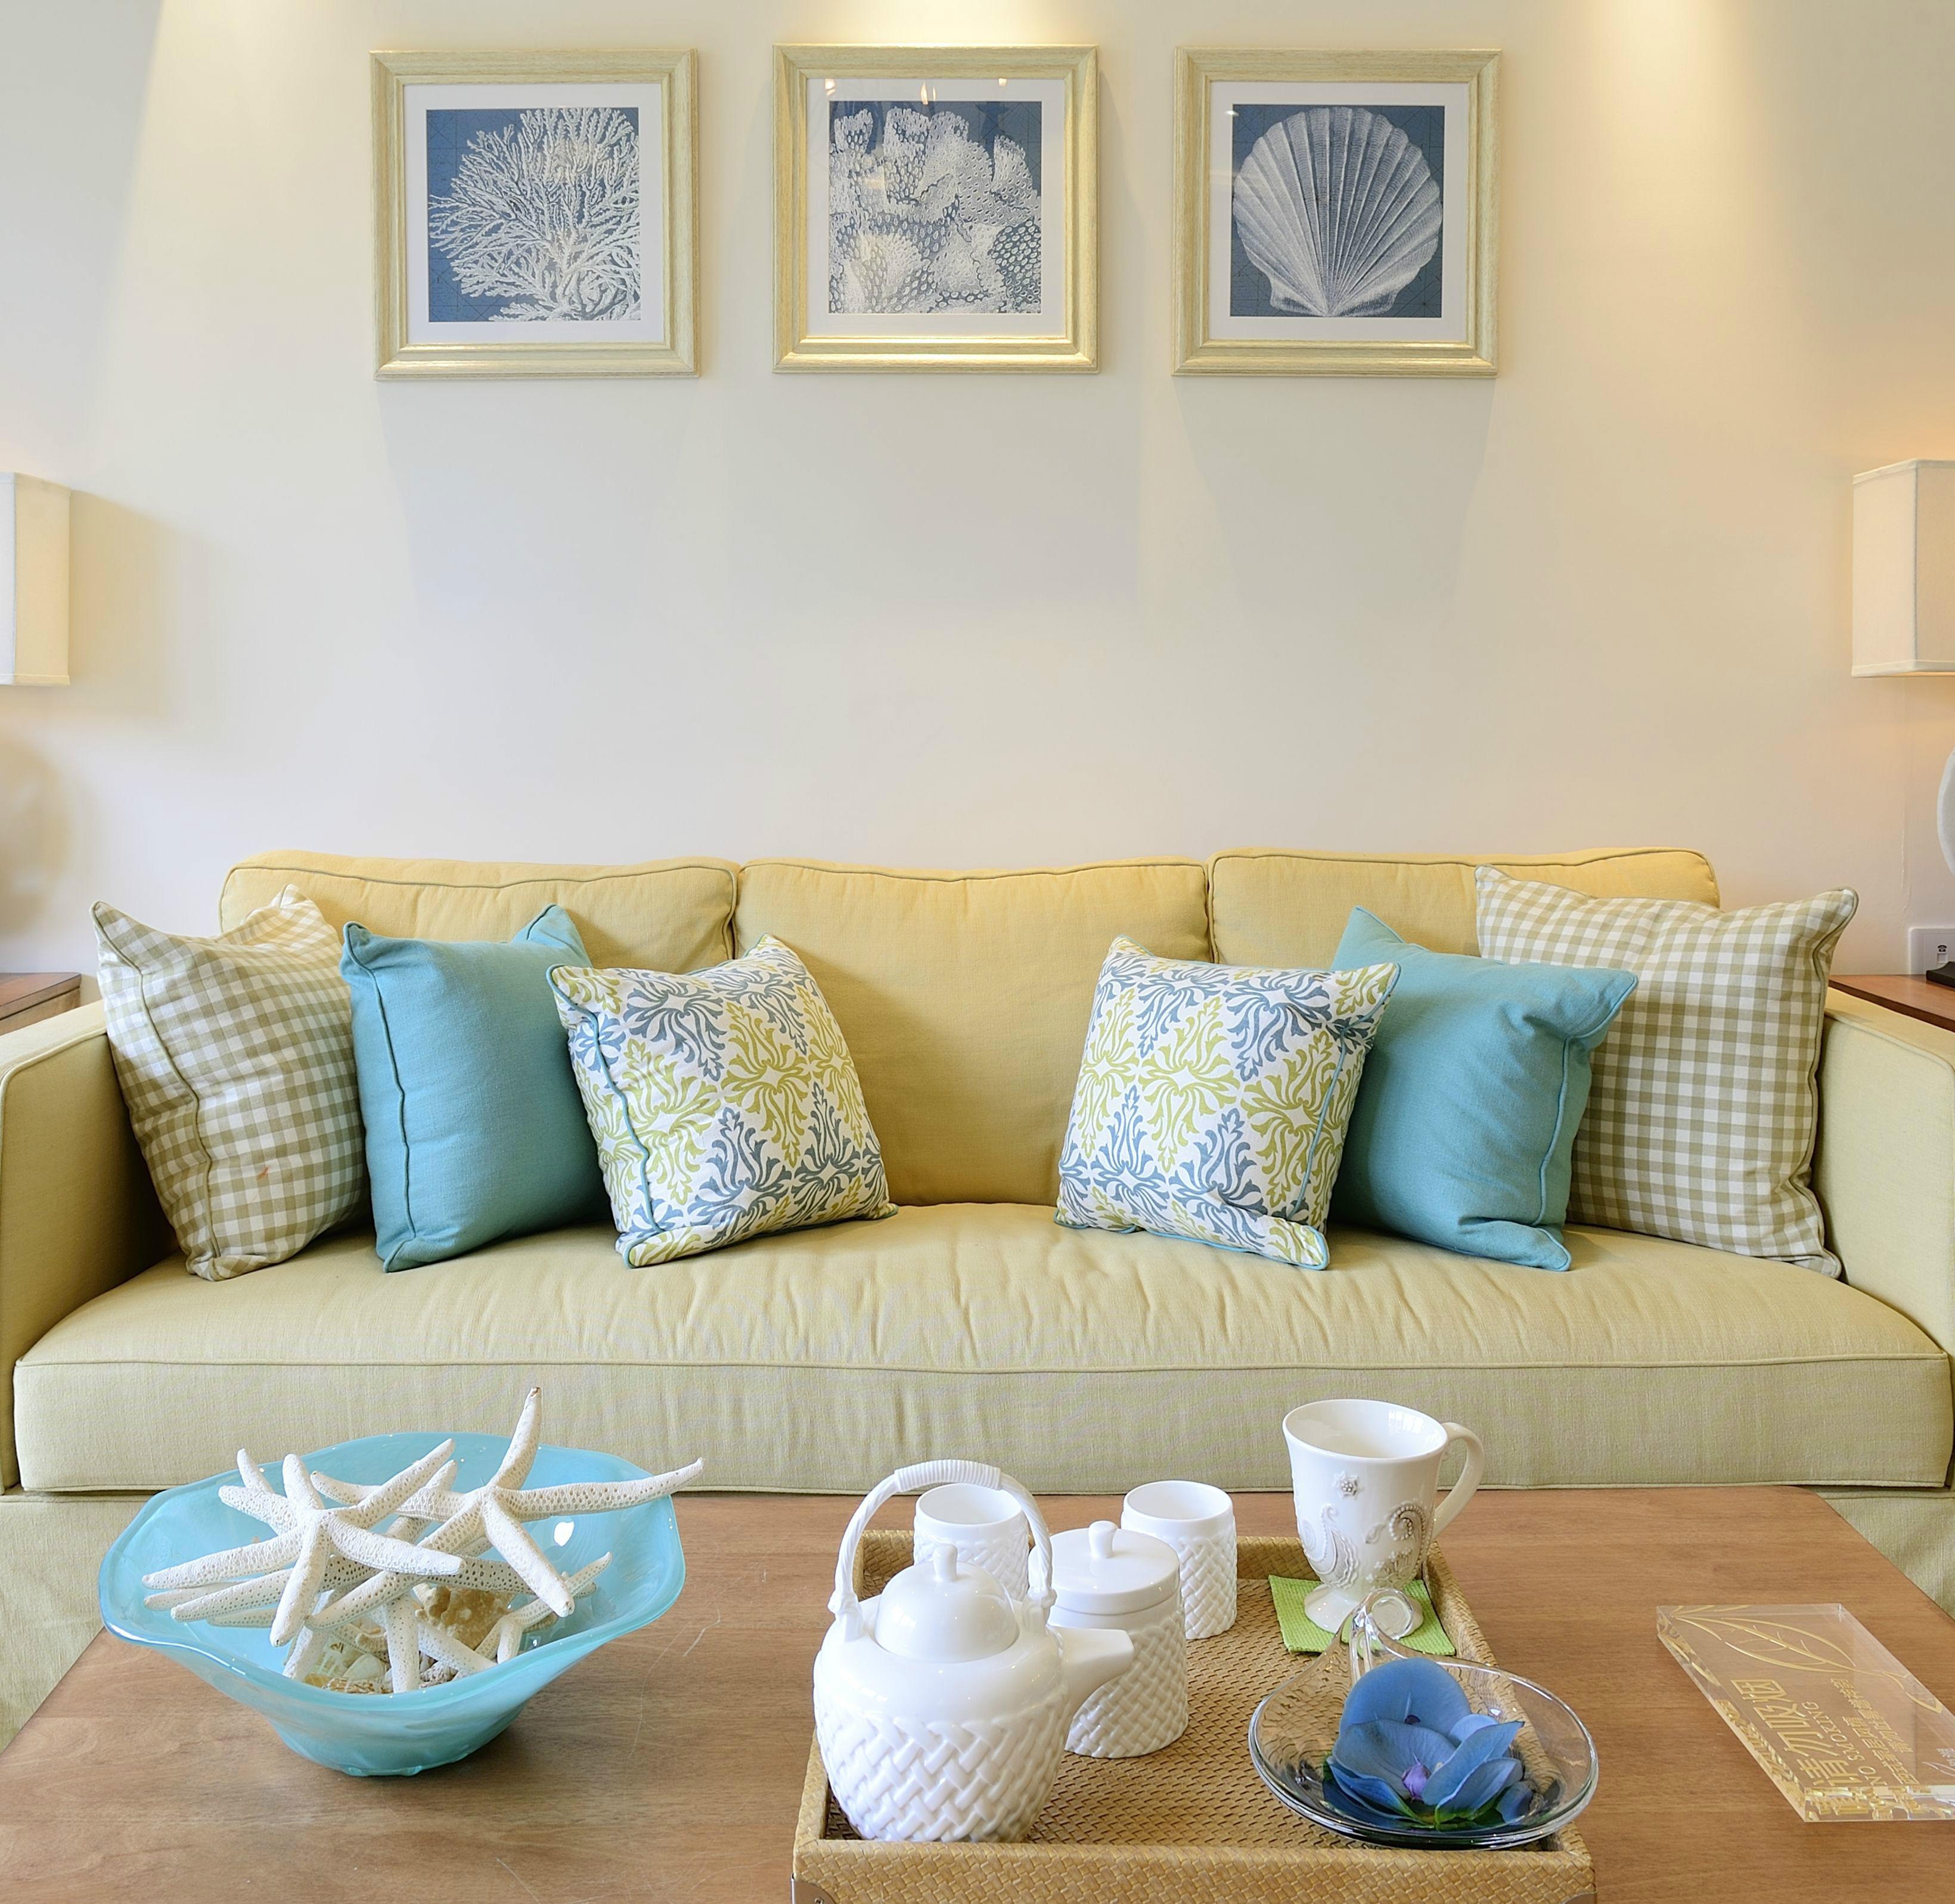 温馨动人的现代简约风格装修效果图,尽享天伦之乐的三口之家